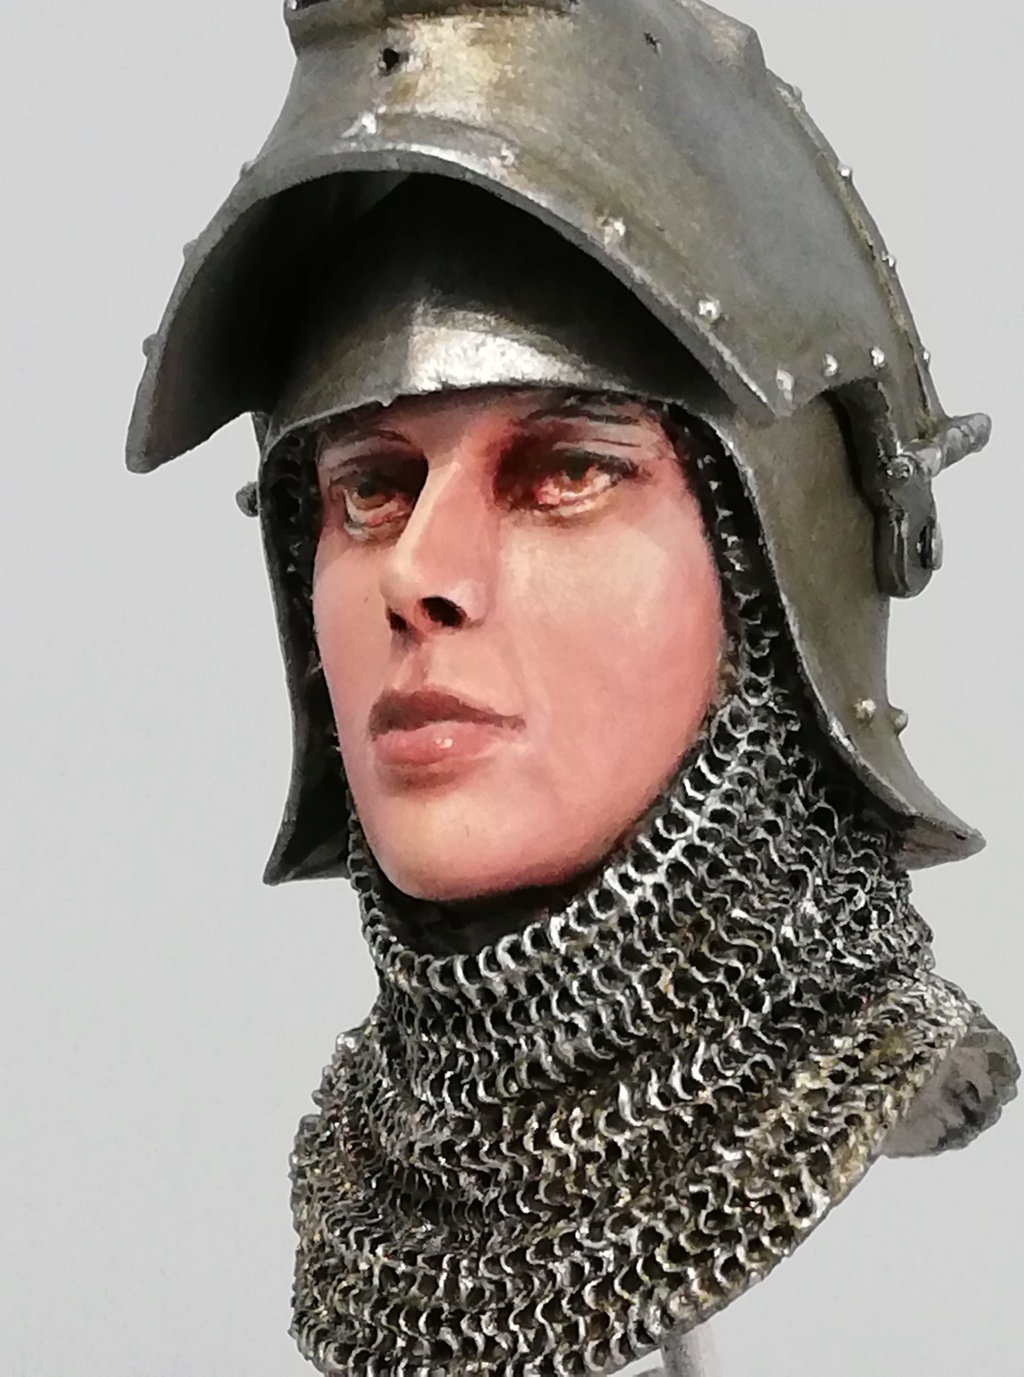 Jeanne d'Arc - retouches et nouvelles photos Jeanne22